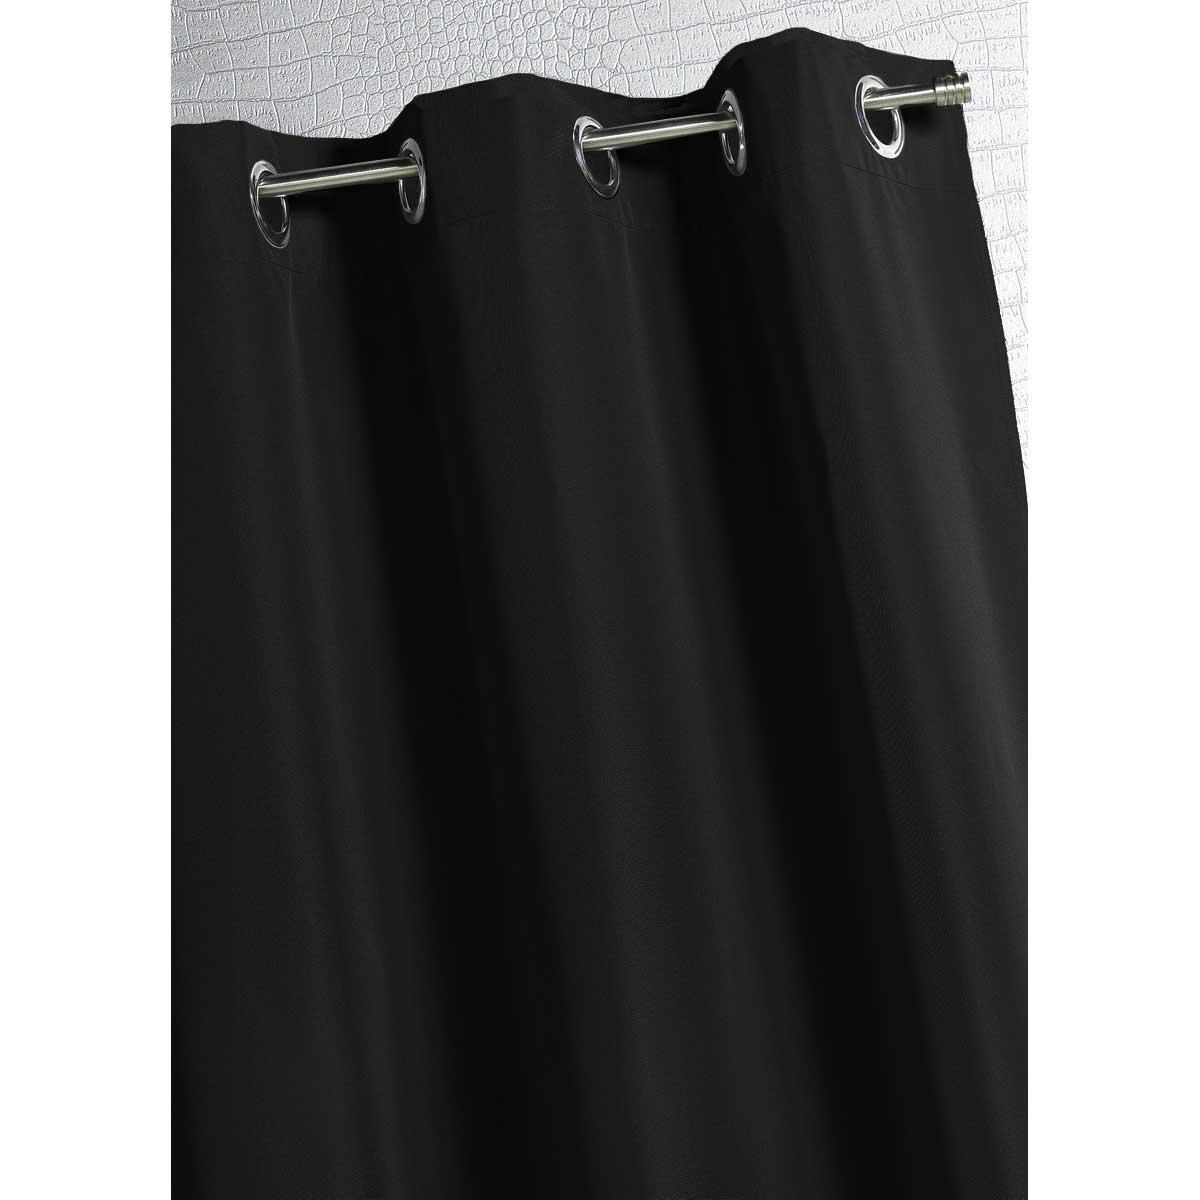 Rideau d'extérieur en tissu outdoor (Noir)